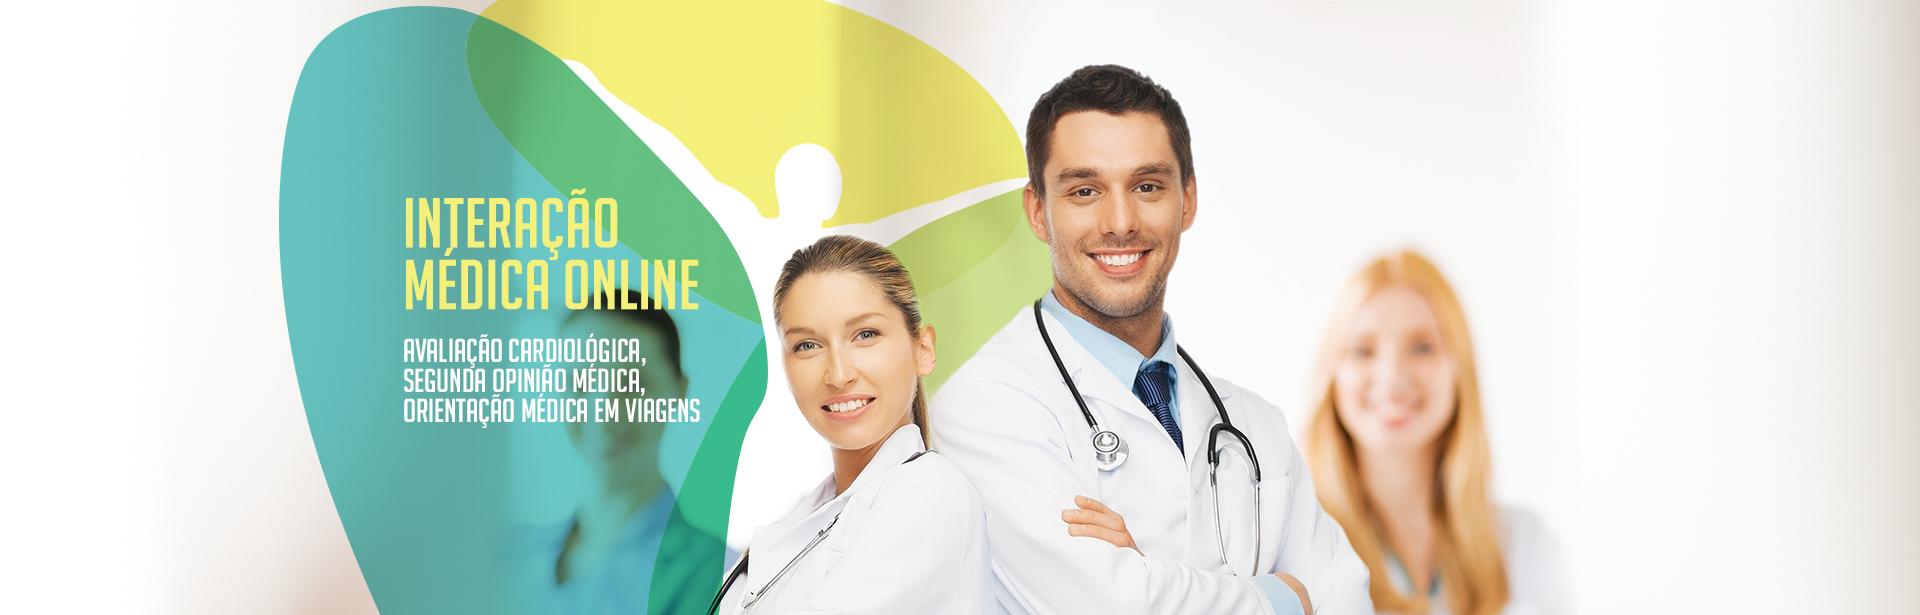 banner-interacao-medica-alterado